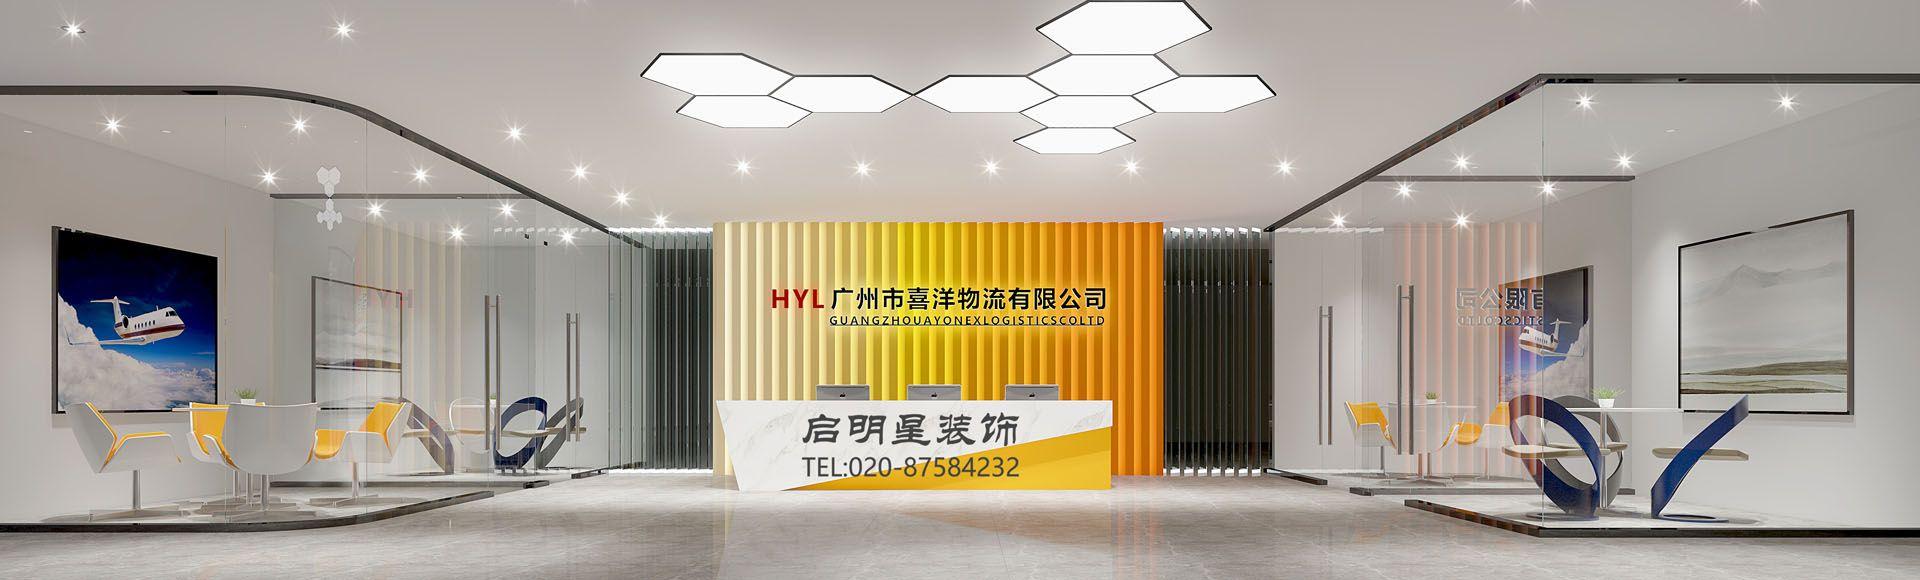 廣州裝修公司案例